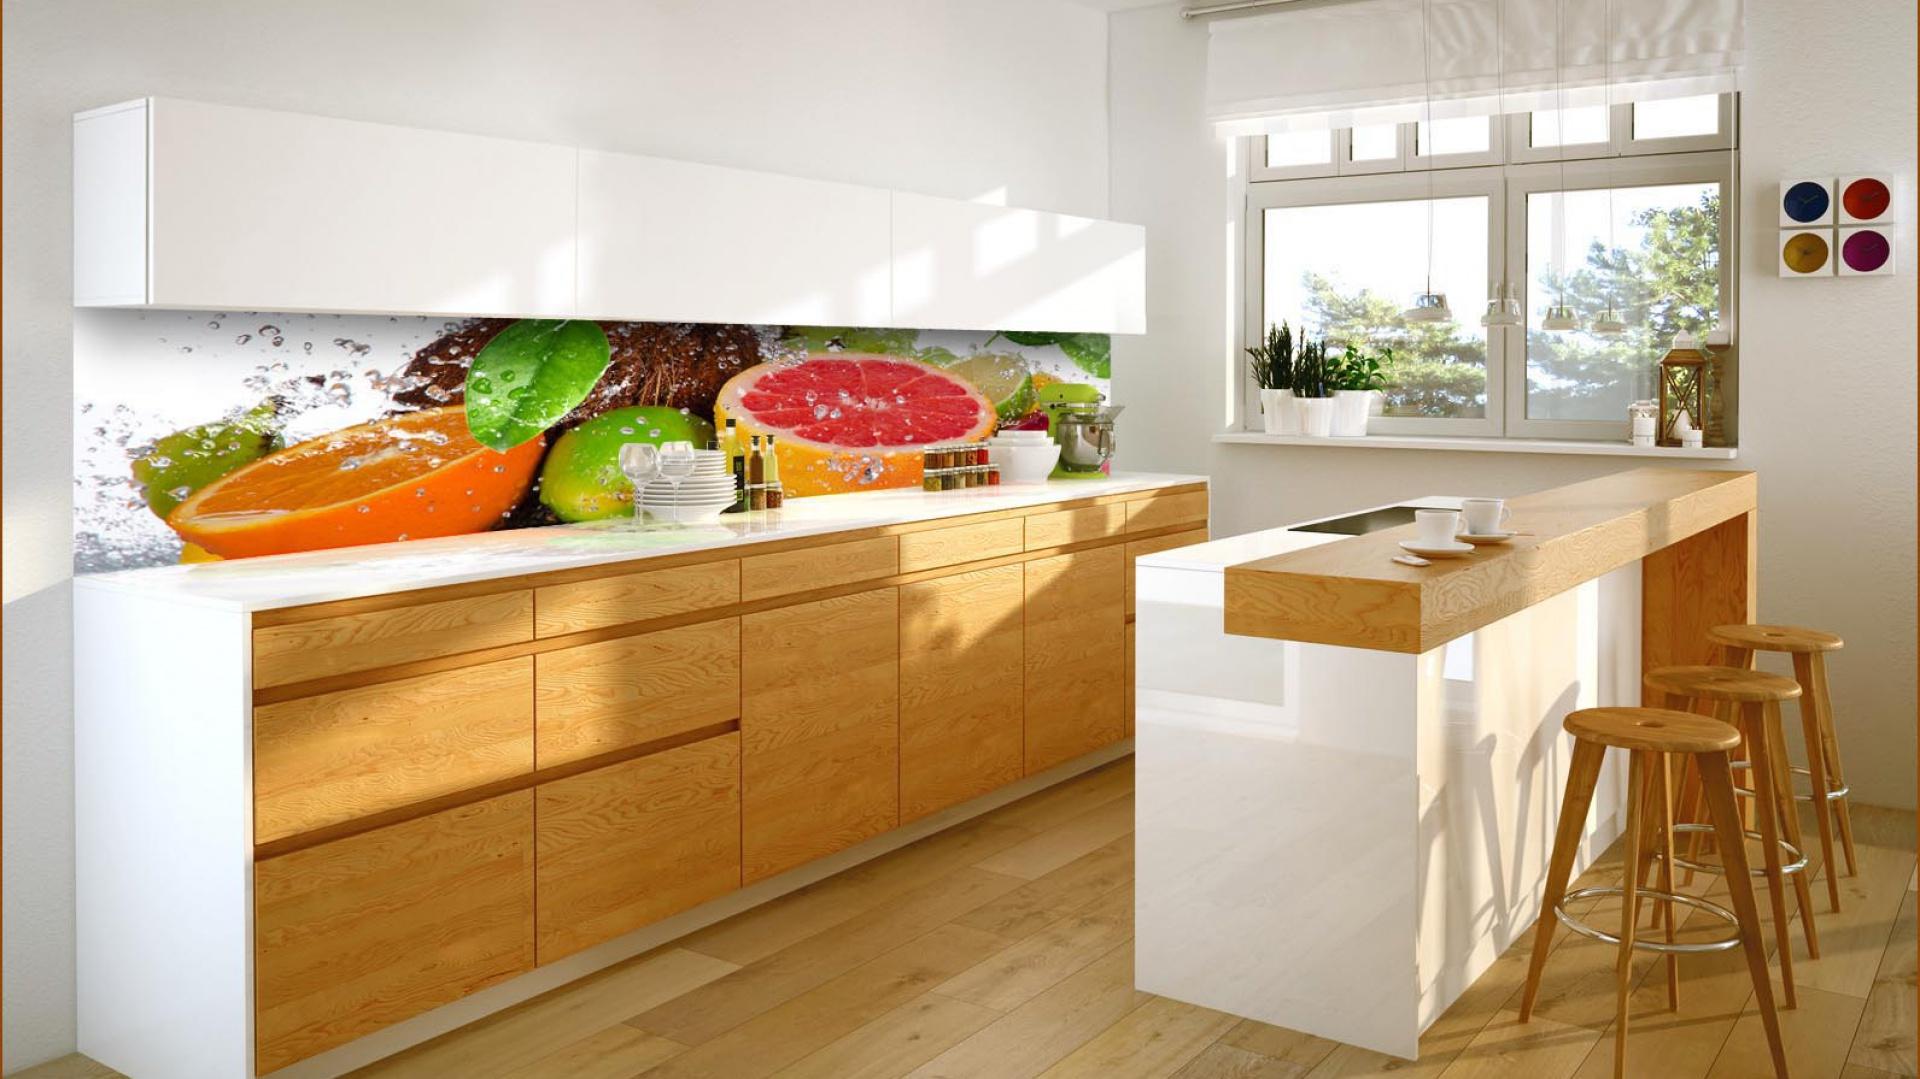 Kuchnię, w której dominują stonowane beże i biel, efektownie ożywimy fototapetą z motywem soczystych cytrusów. Zieleń limonek, róż miąższu grejpfruta i pomarańcz pomarańczy pięknie ożywiają spokojną aranżację kuchni. Fot. Grafdeco.